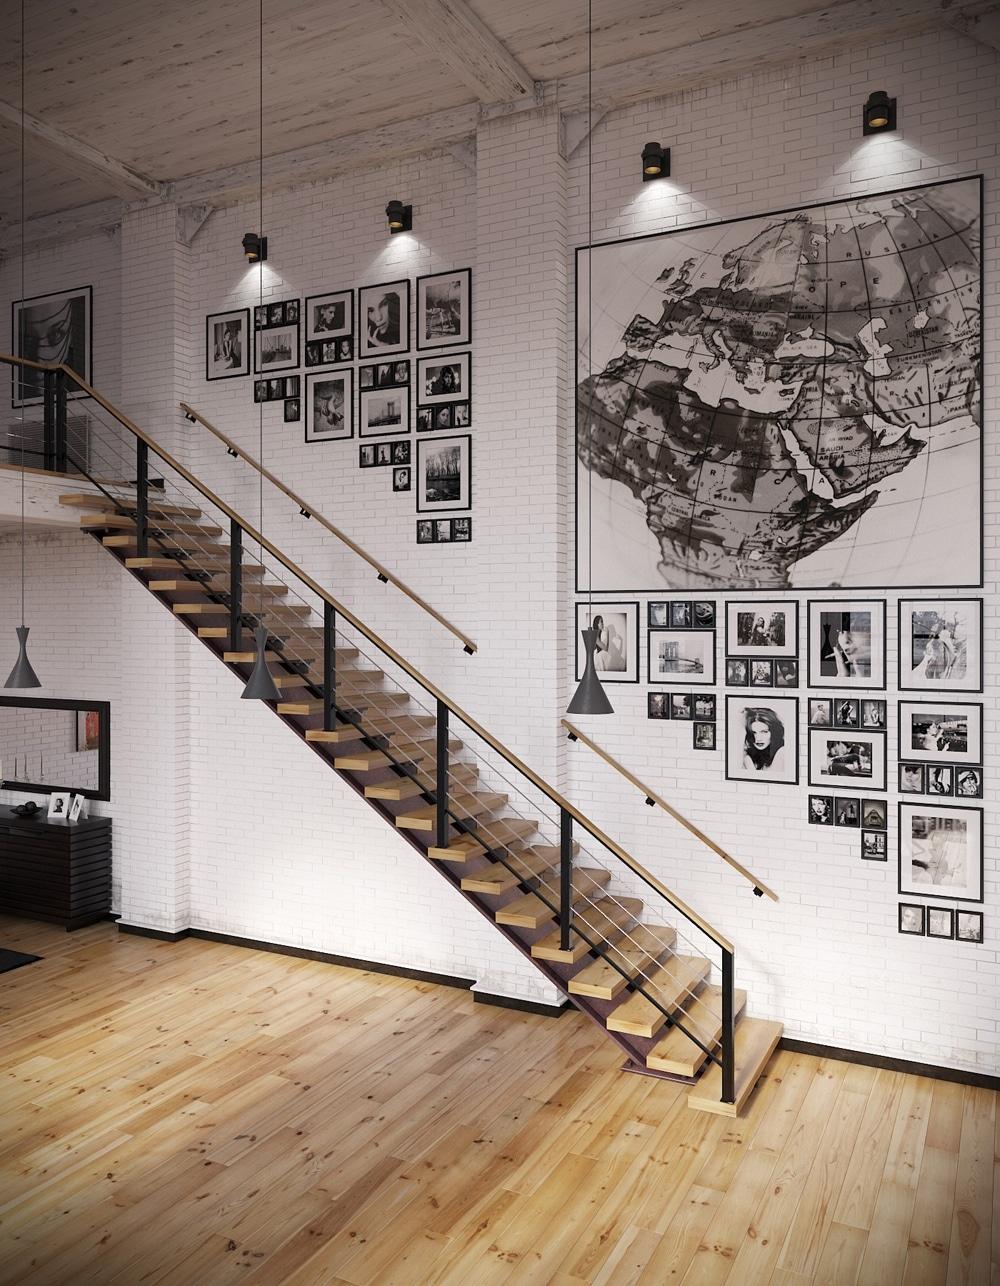 lemonbe-Un hogar que divide espacios utilizando colores en vez de paredes-04